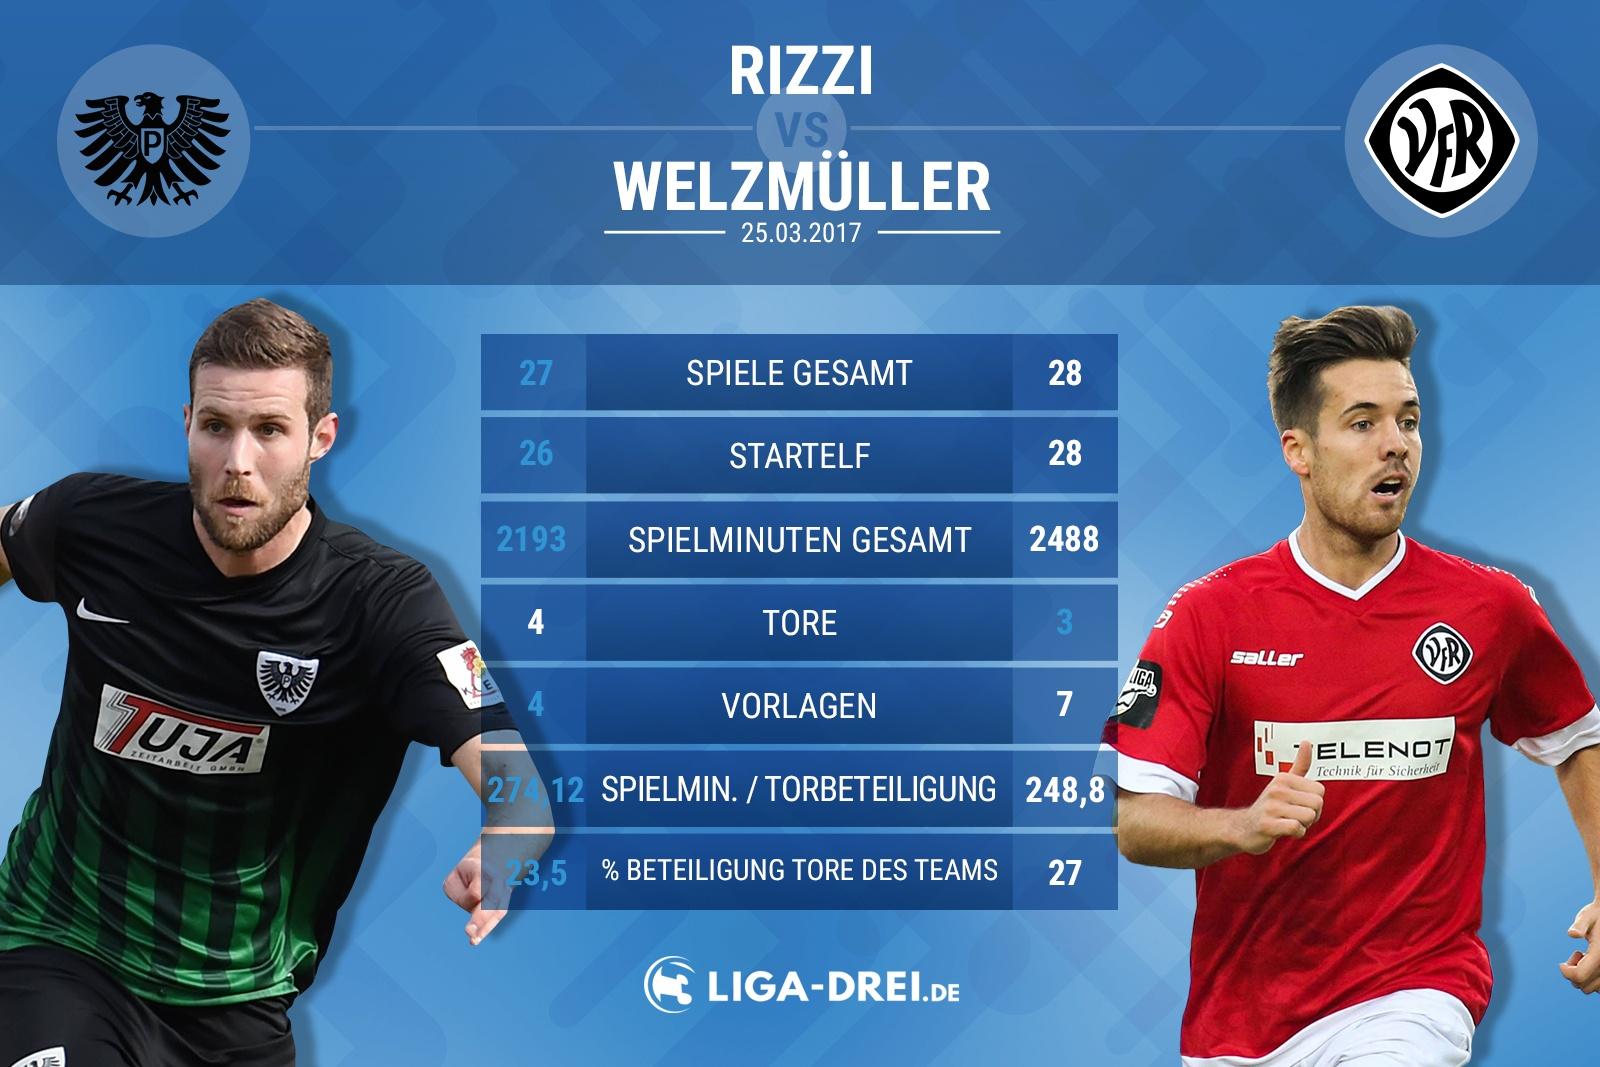 Spielervergleich von Rizzi & Welzmüller